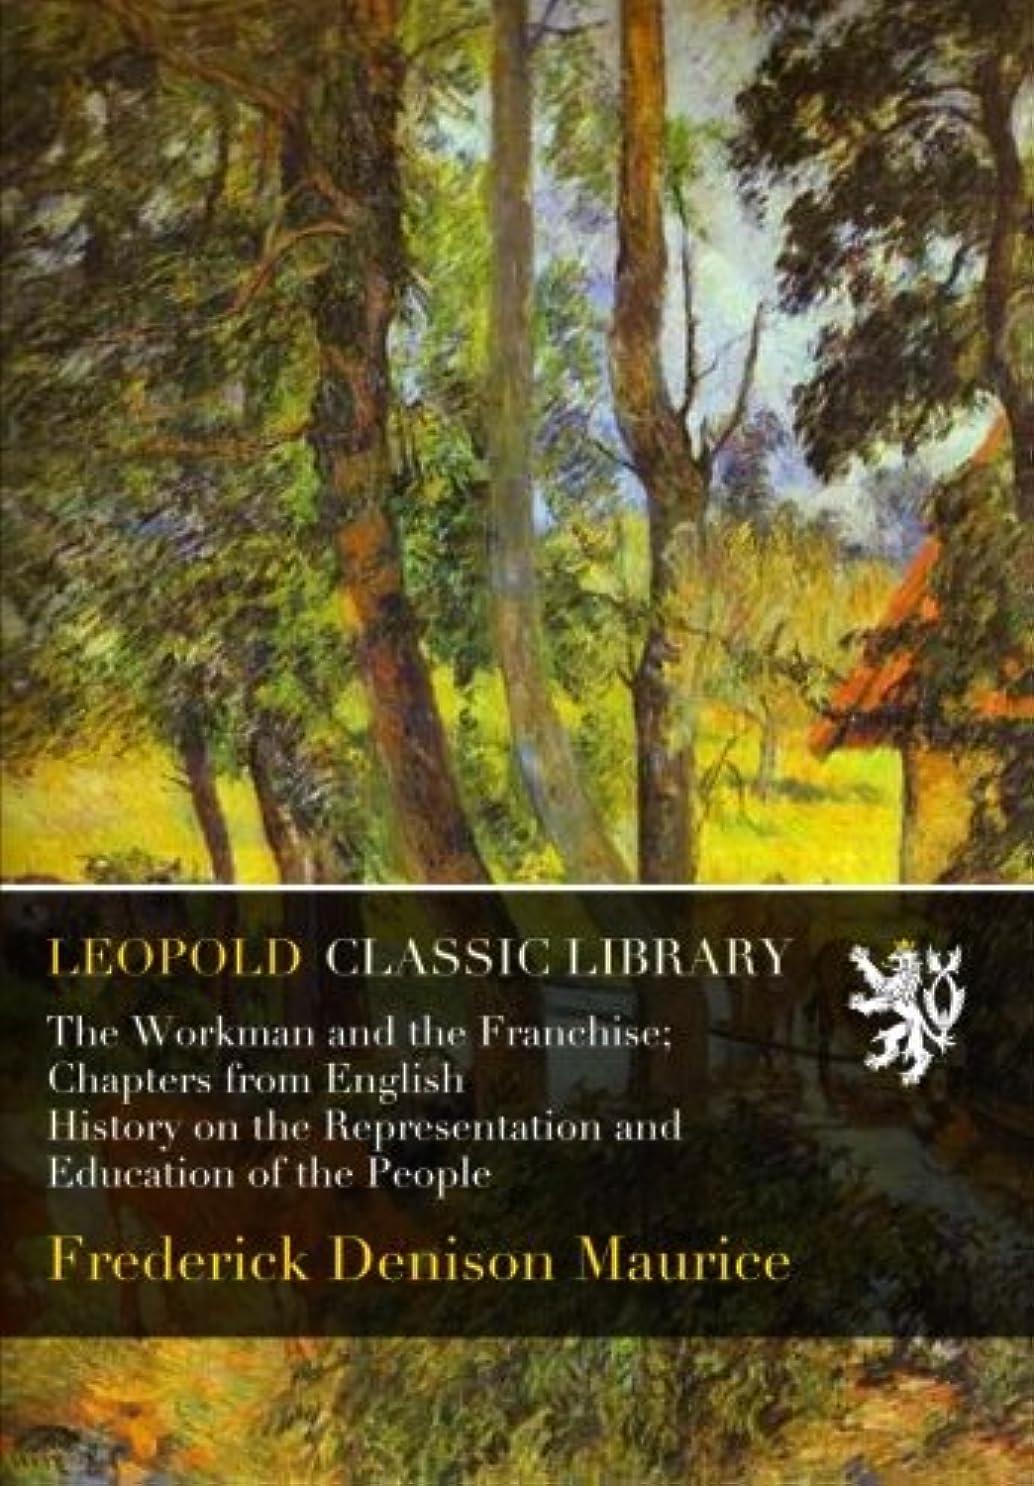 厳密に者簡単にThe Workman and the Franchise; Chapters from English History on the Representation and Education of the People